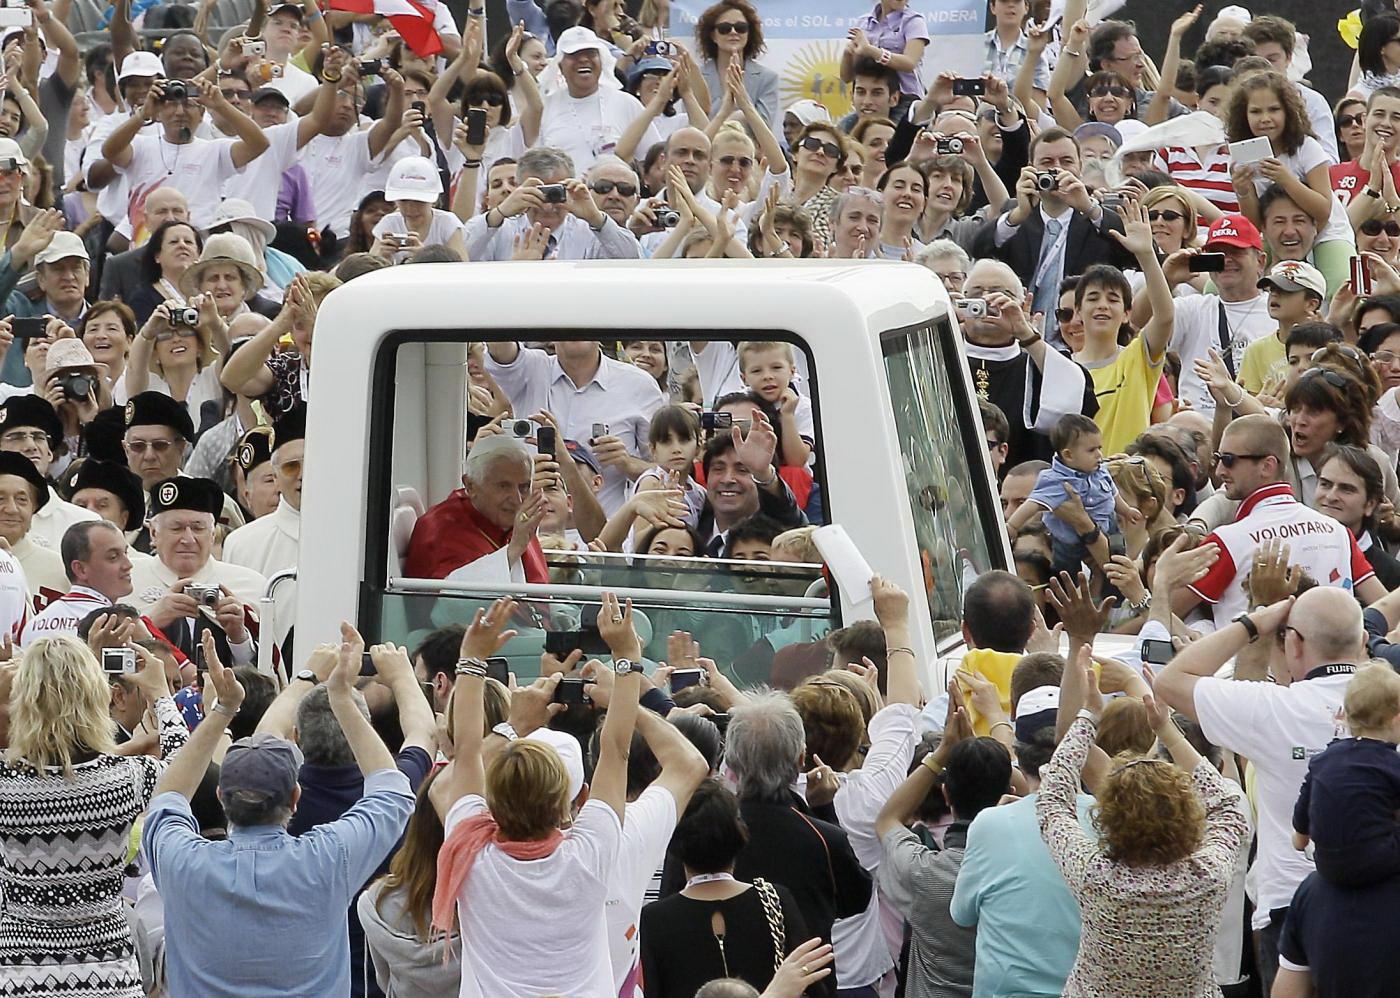 Peccato quel silenzio del Papa tra la folla